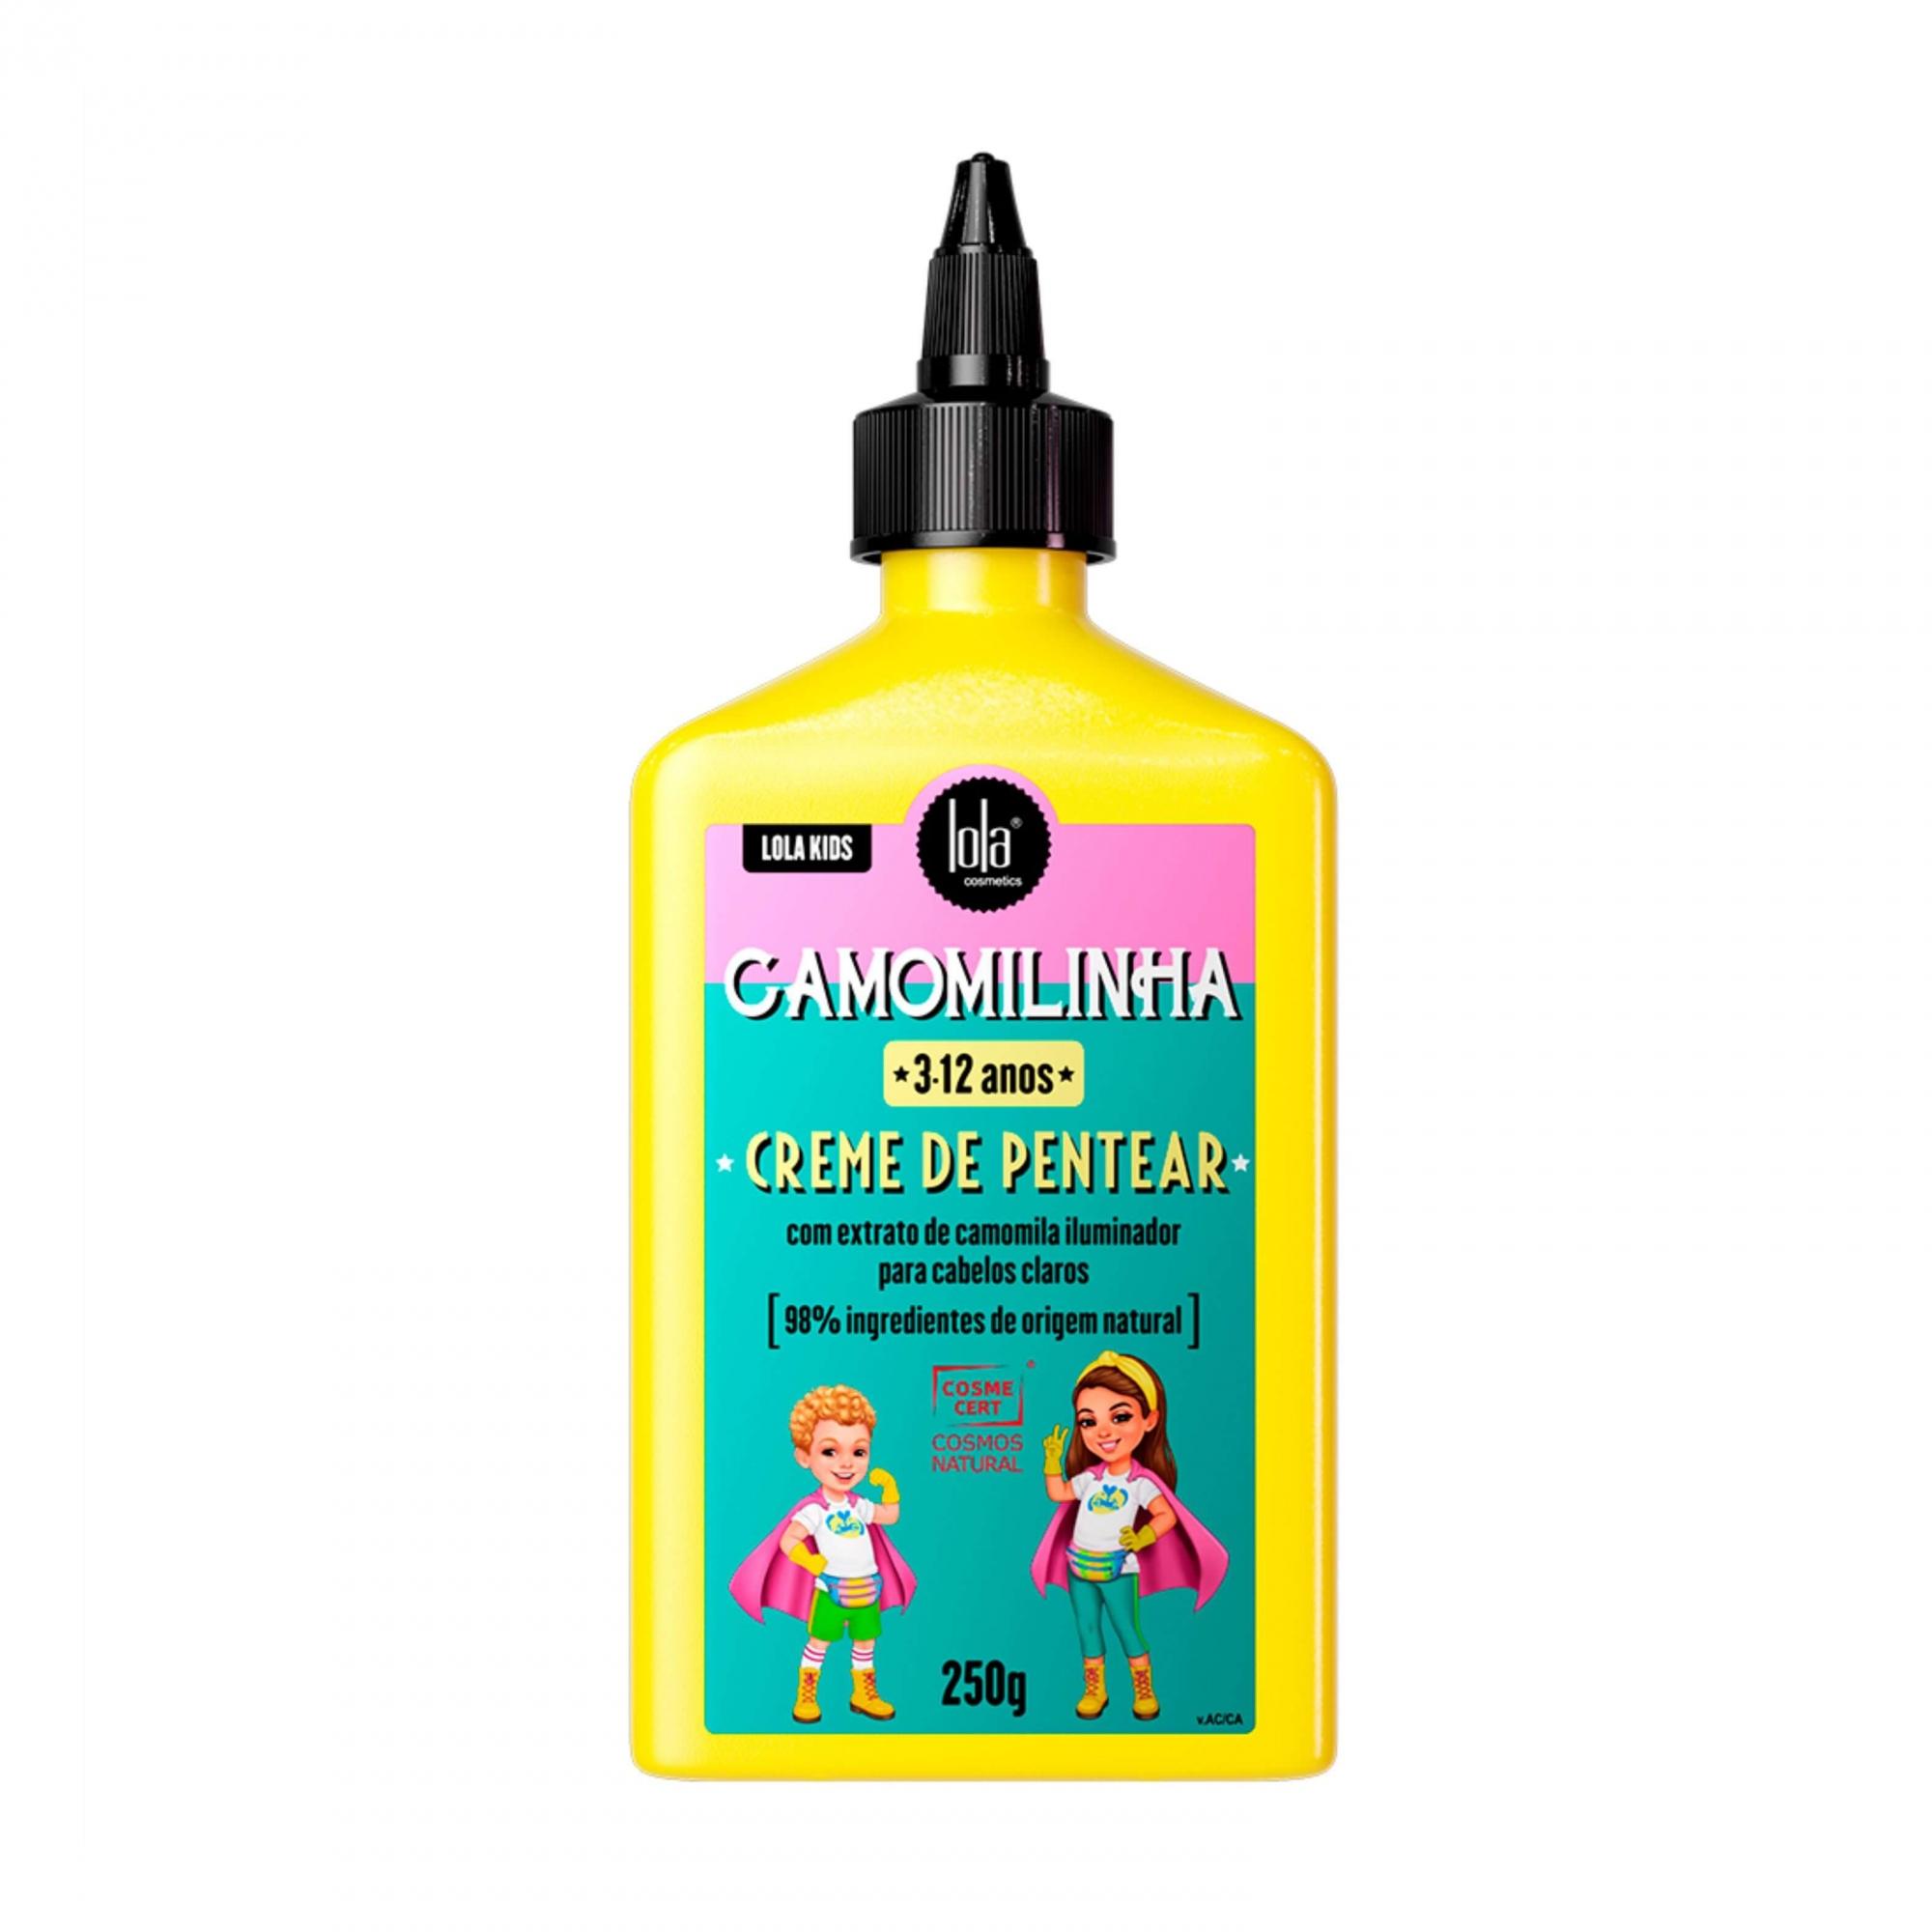 Creme De Pentear Camomilinha Lola Kids 250g